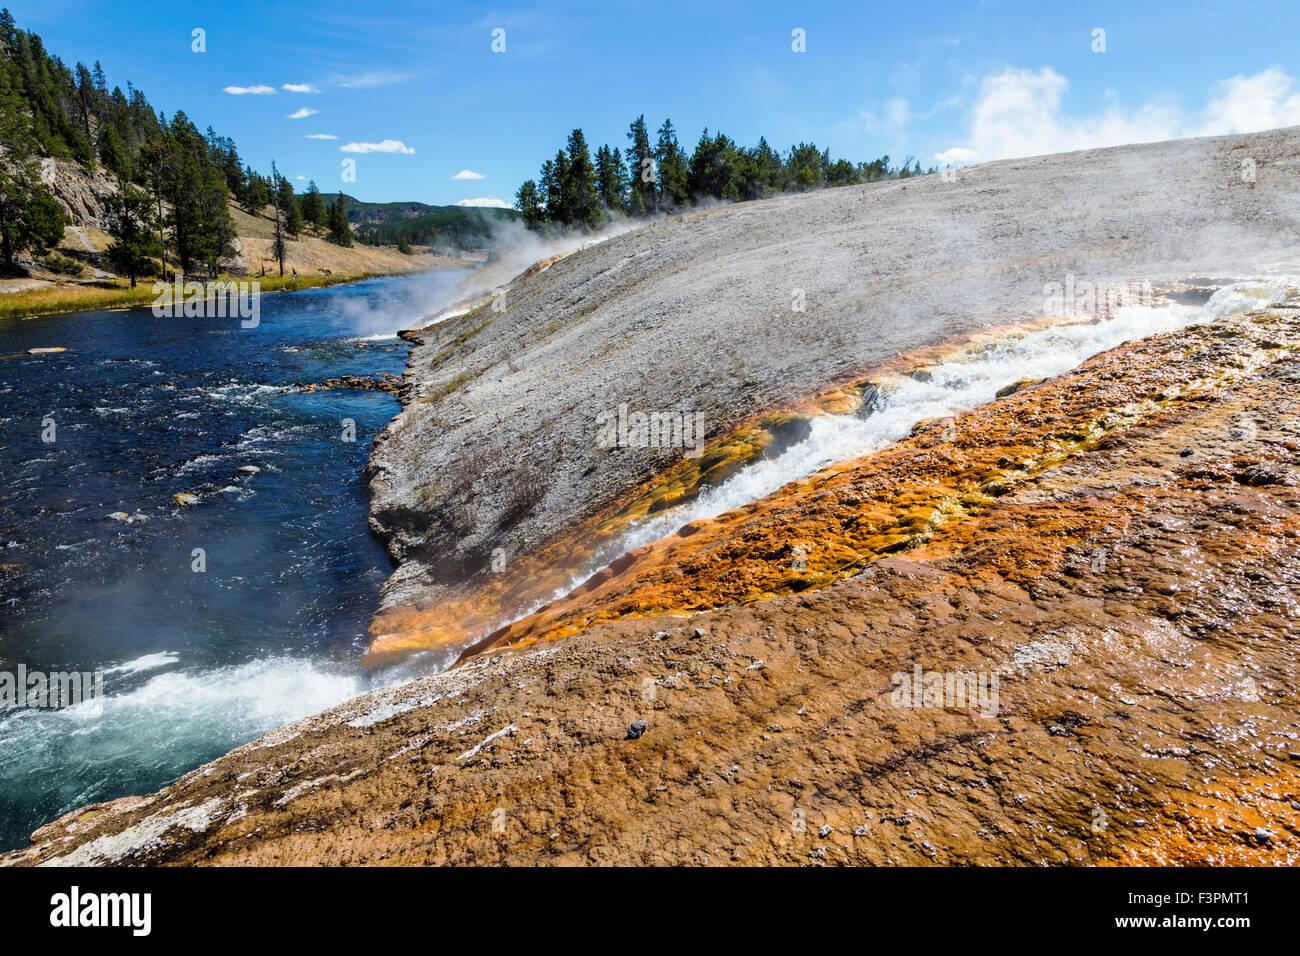 Midway Geyser Basin; Termas de Río Firehole flujo; el Parque Nacional Yellowstone, Wyoming, EE.UU. Imagen De Stock